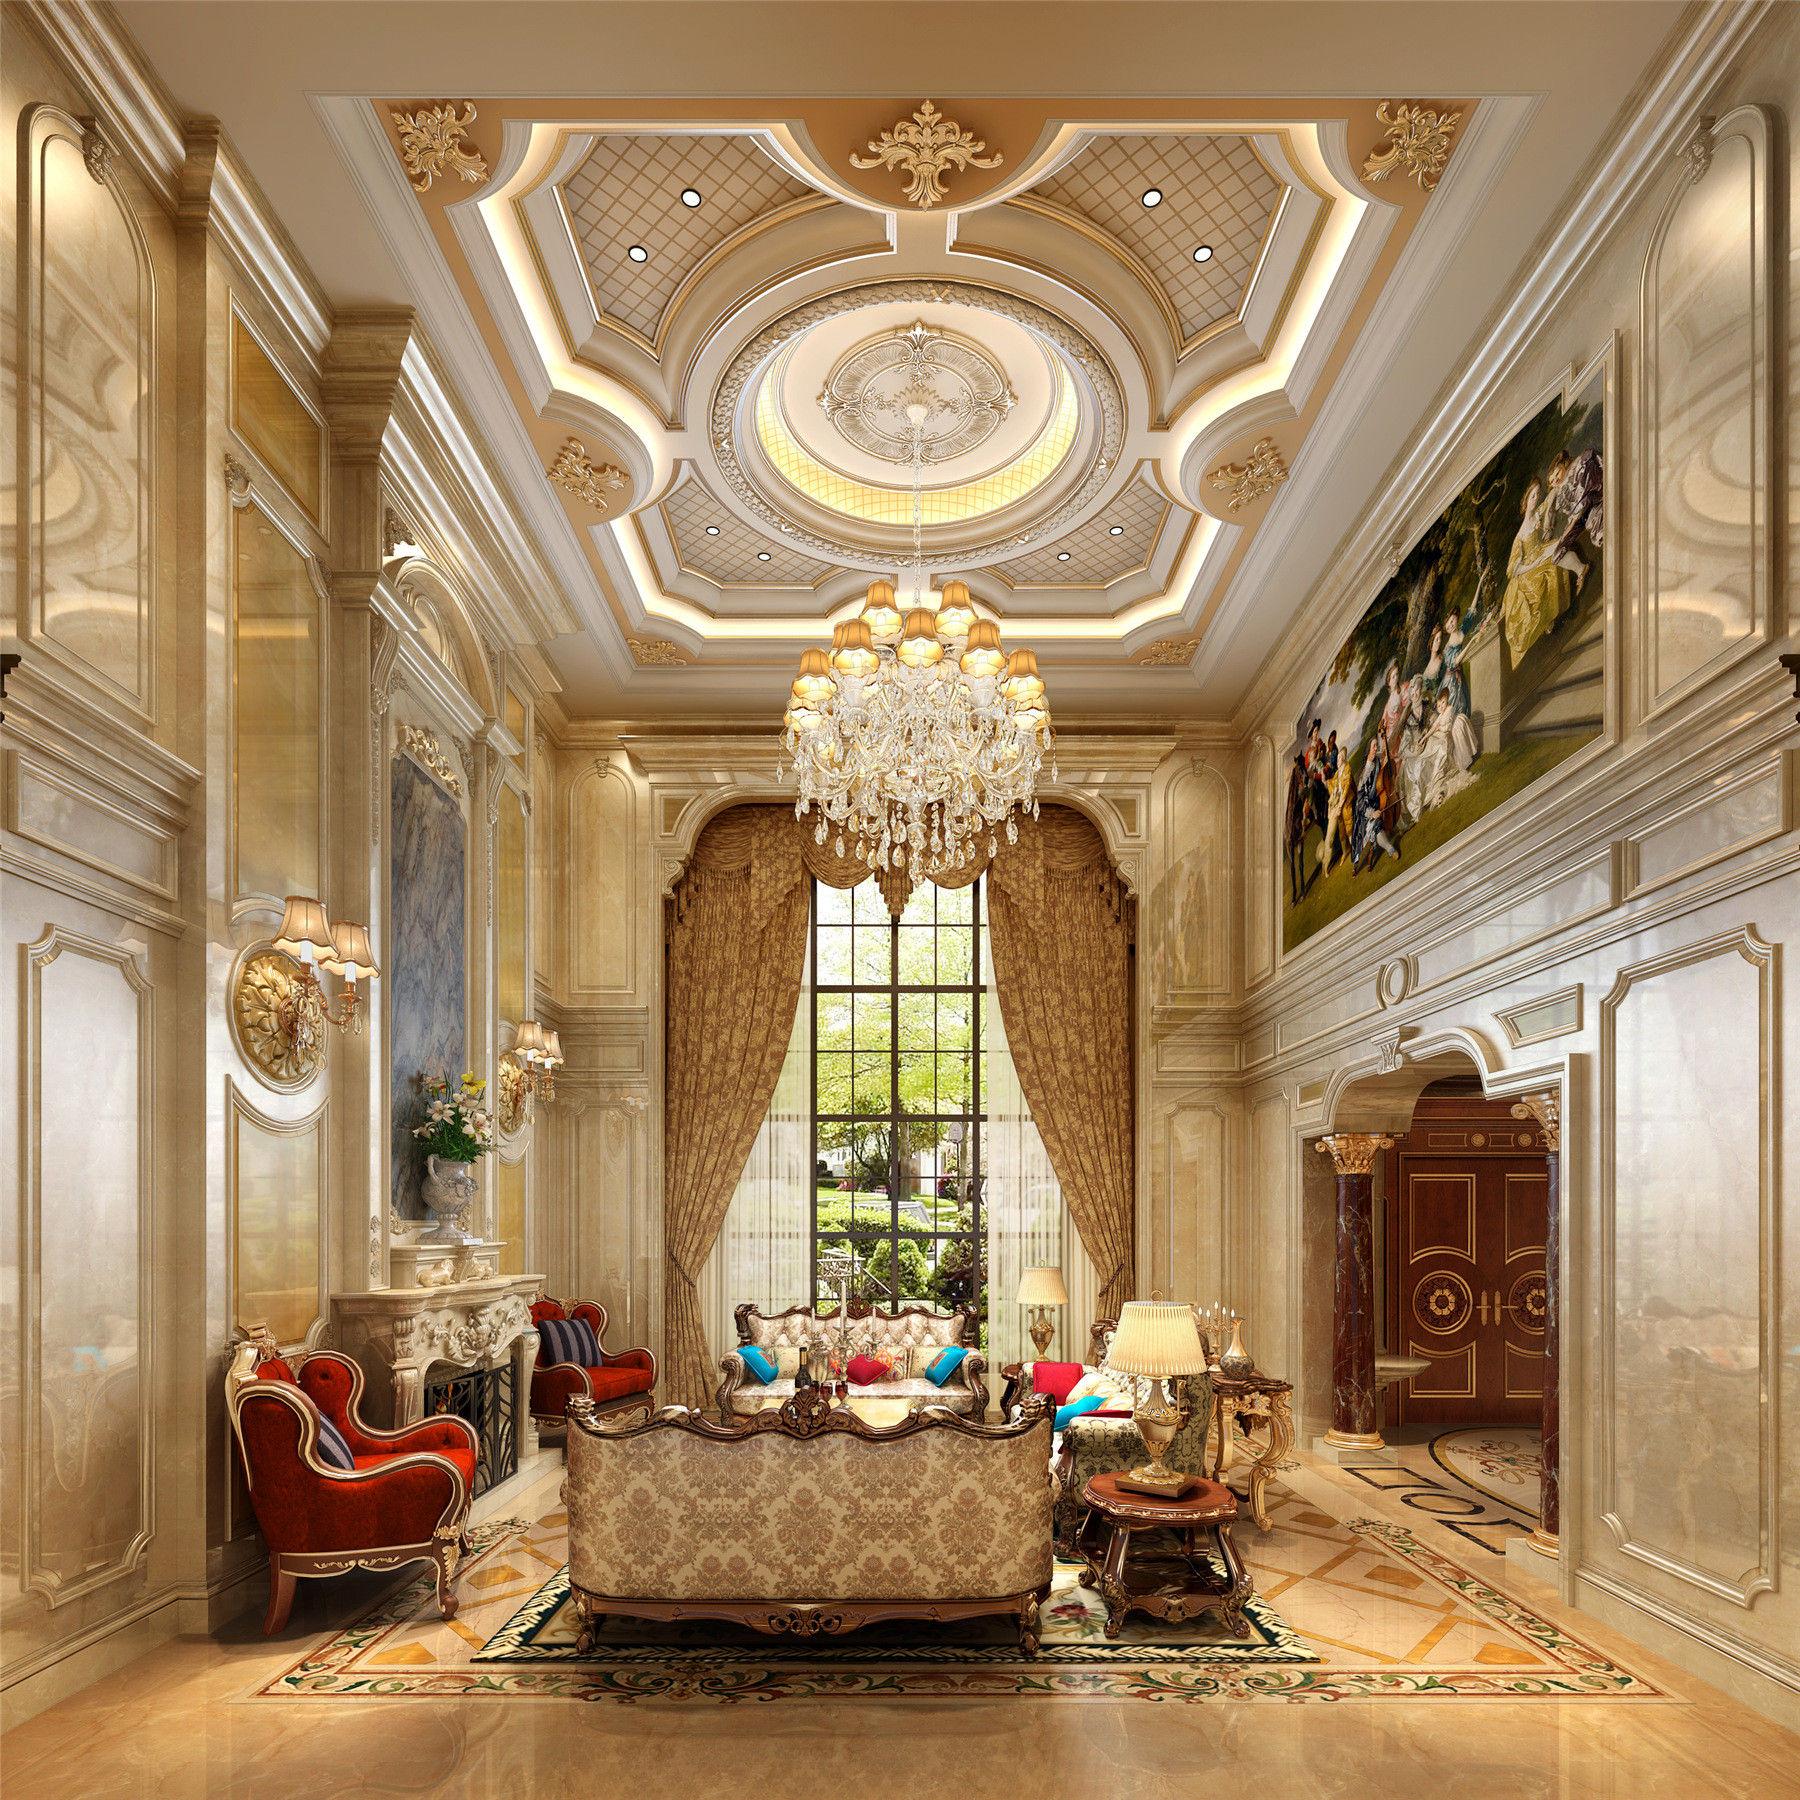 别墅装修 欧式古典 腾龙设计 郭建作品 客厅图片来自孔继民在1300平别墅装修欧式古典风格设计的分享